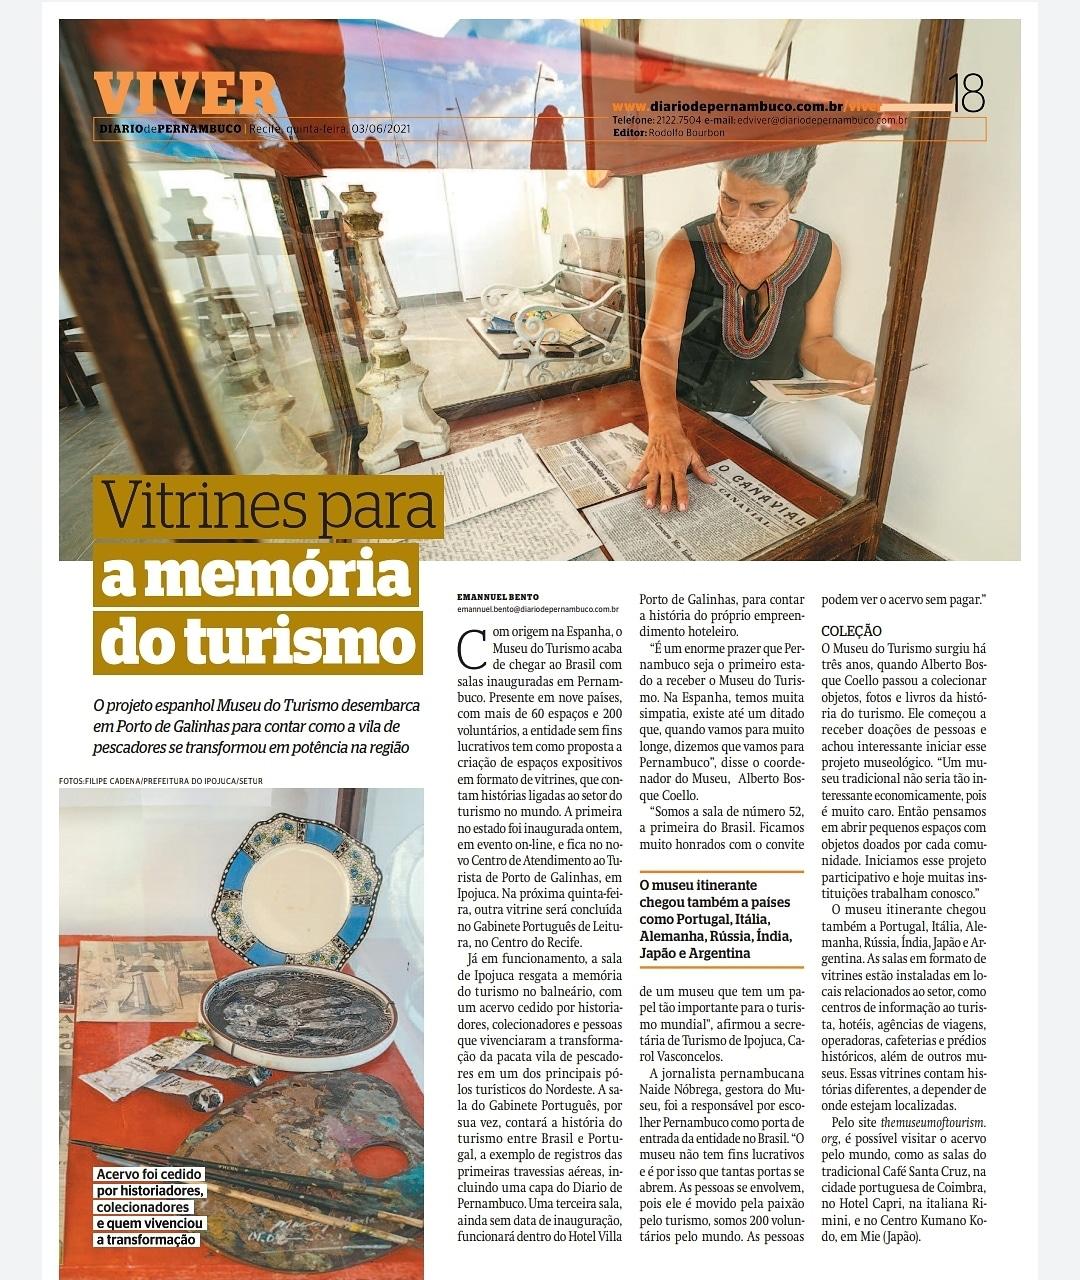 Foto:Jornal Diário de Pernambuco Editor: Rodolfo Bourbon